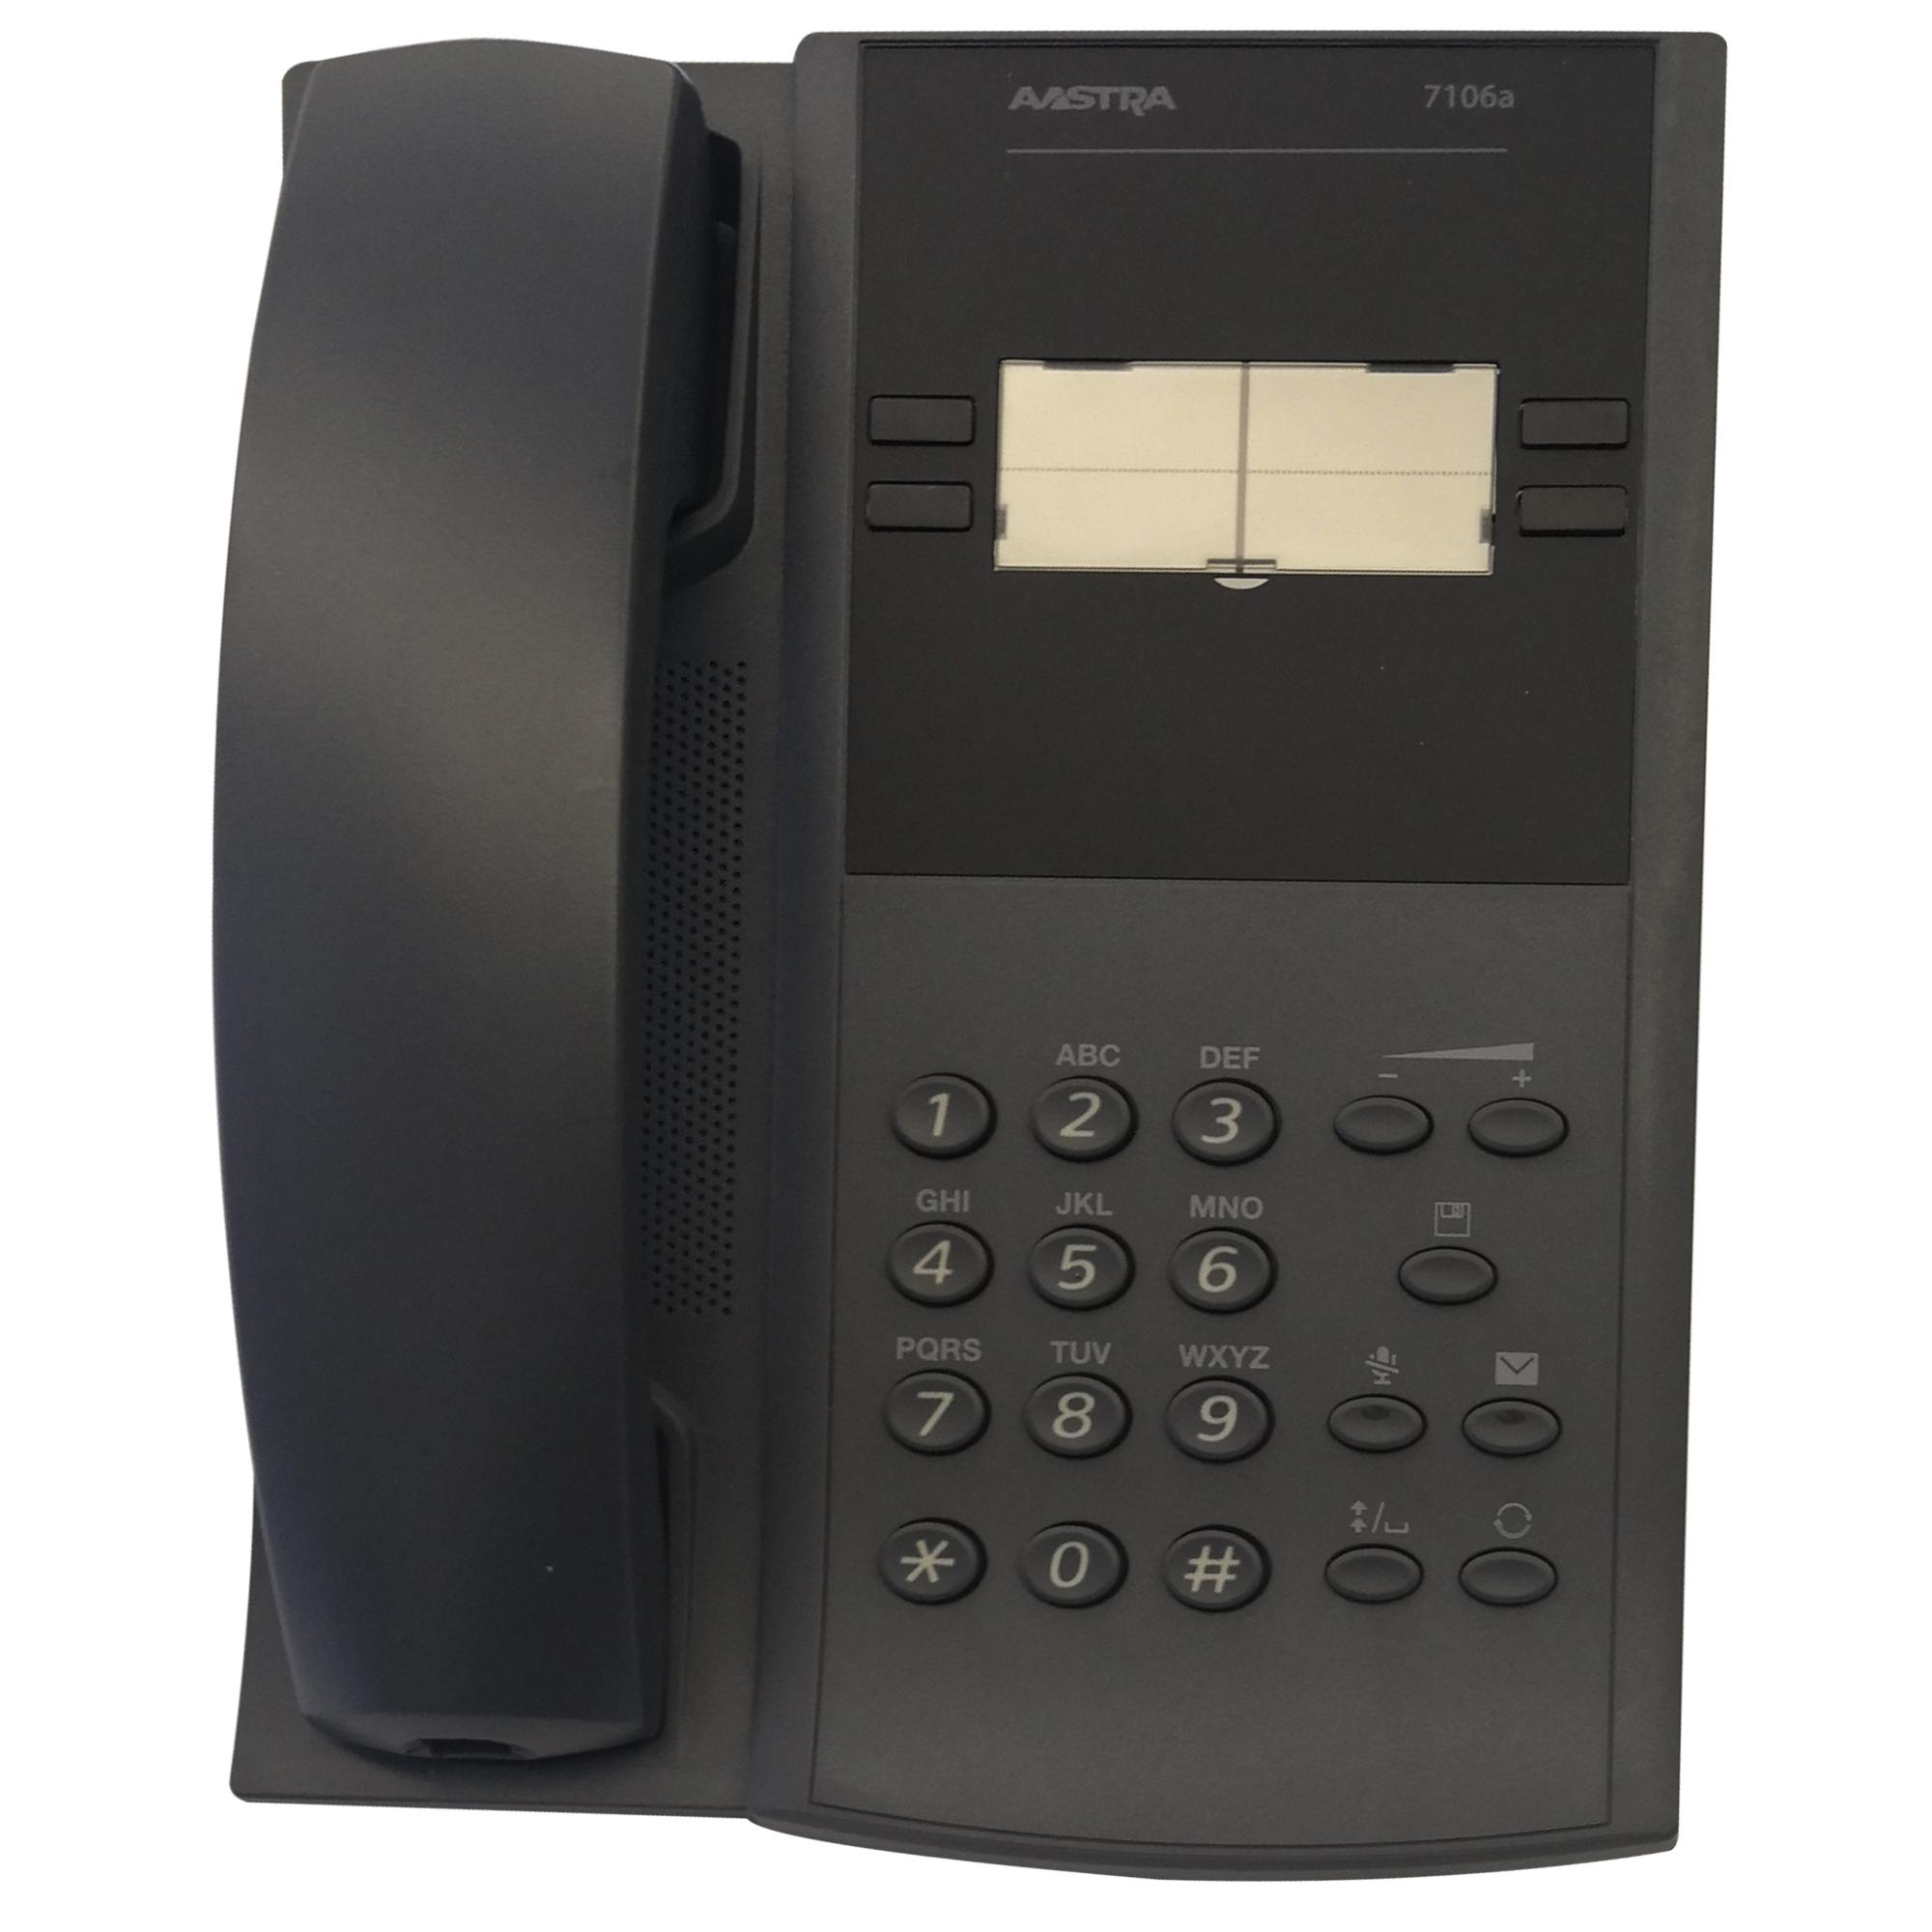 تلفن آسترا مدل 7106a